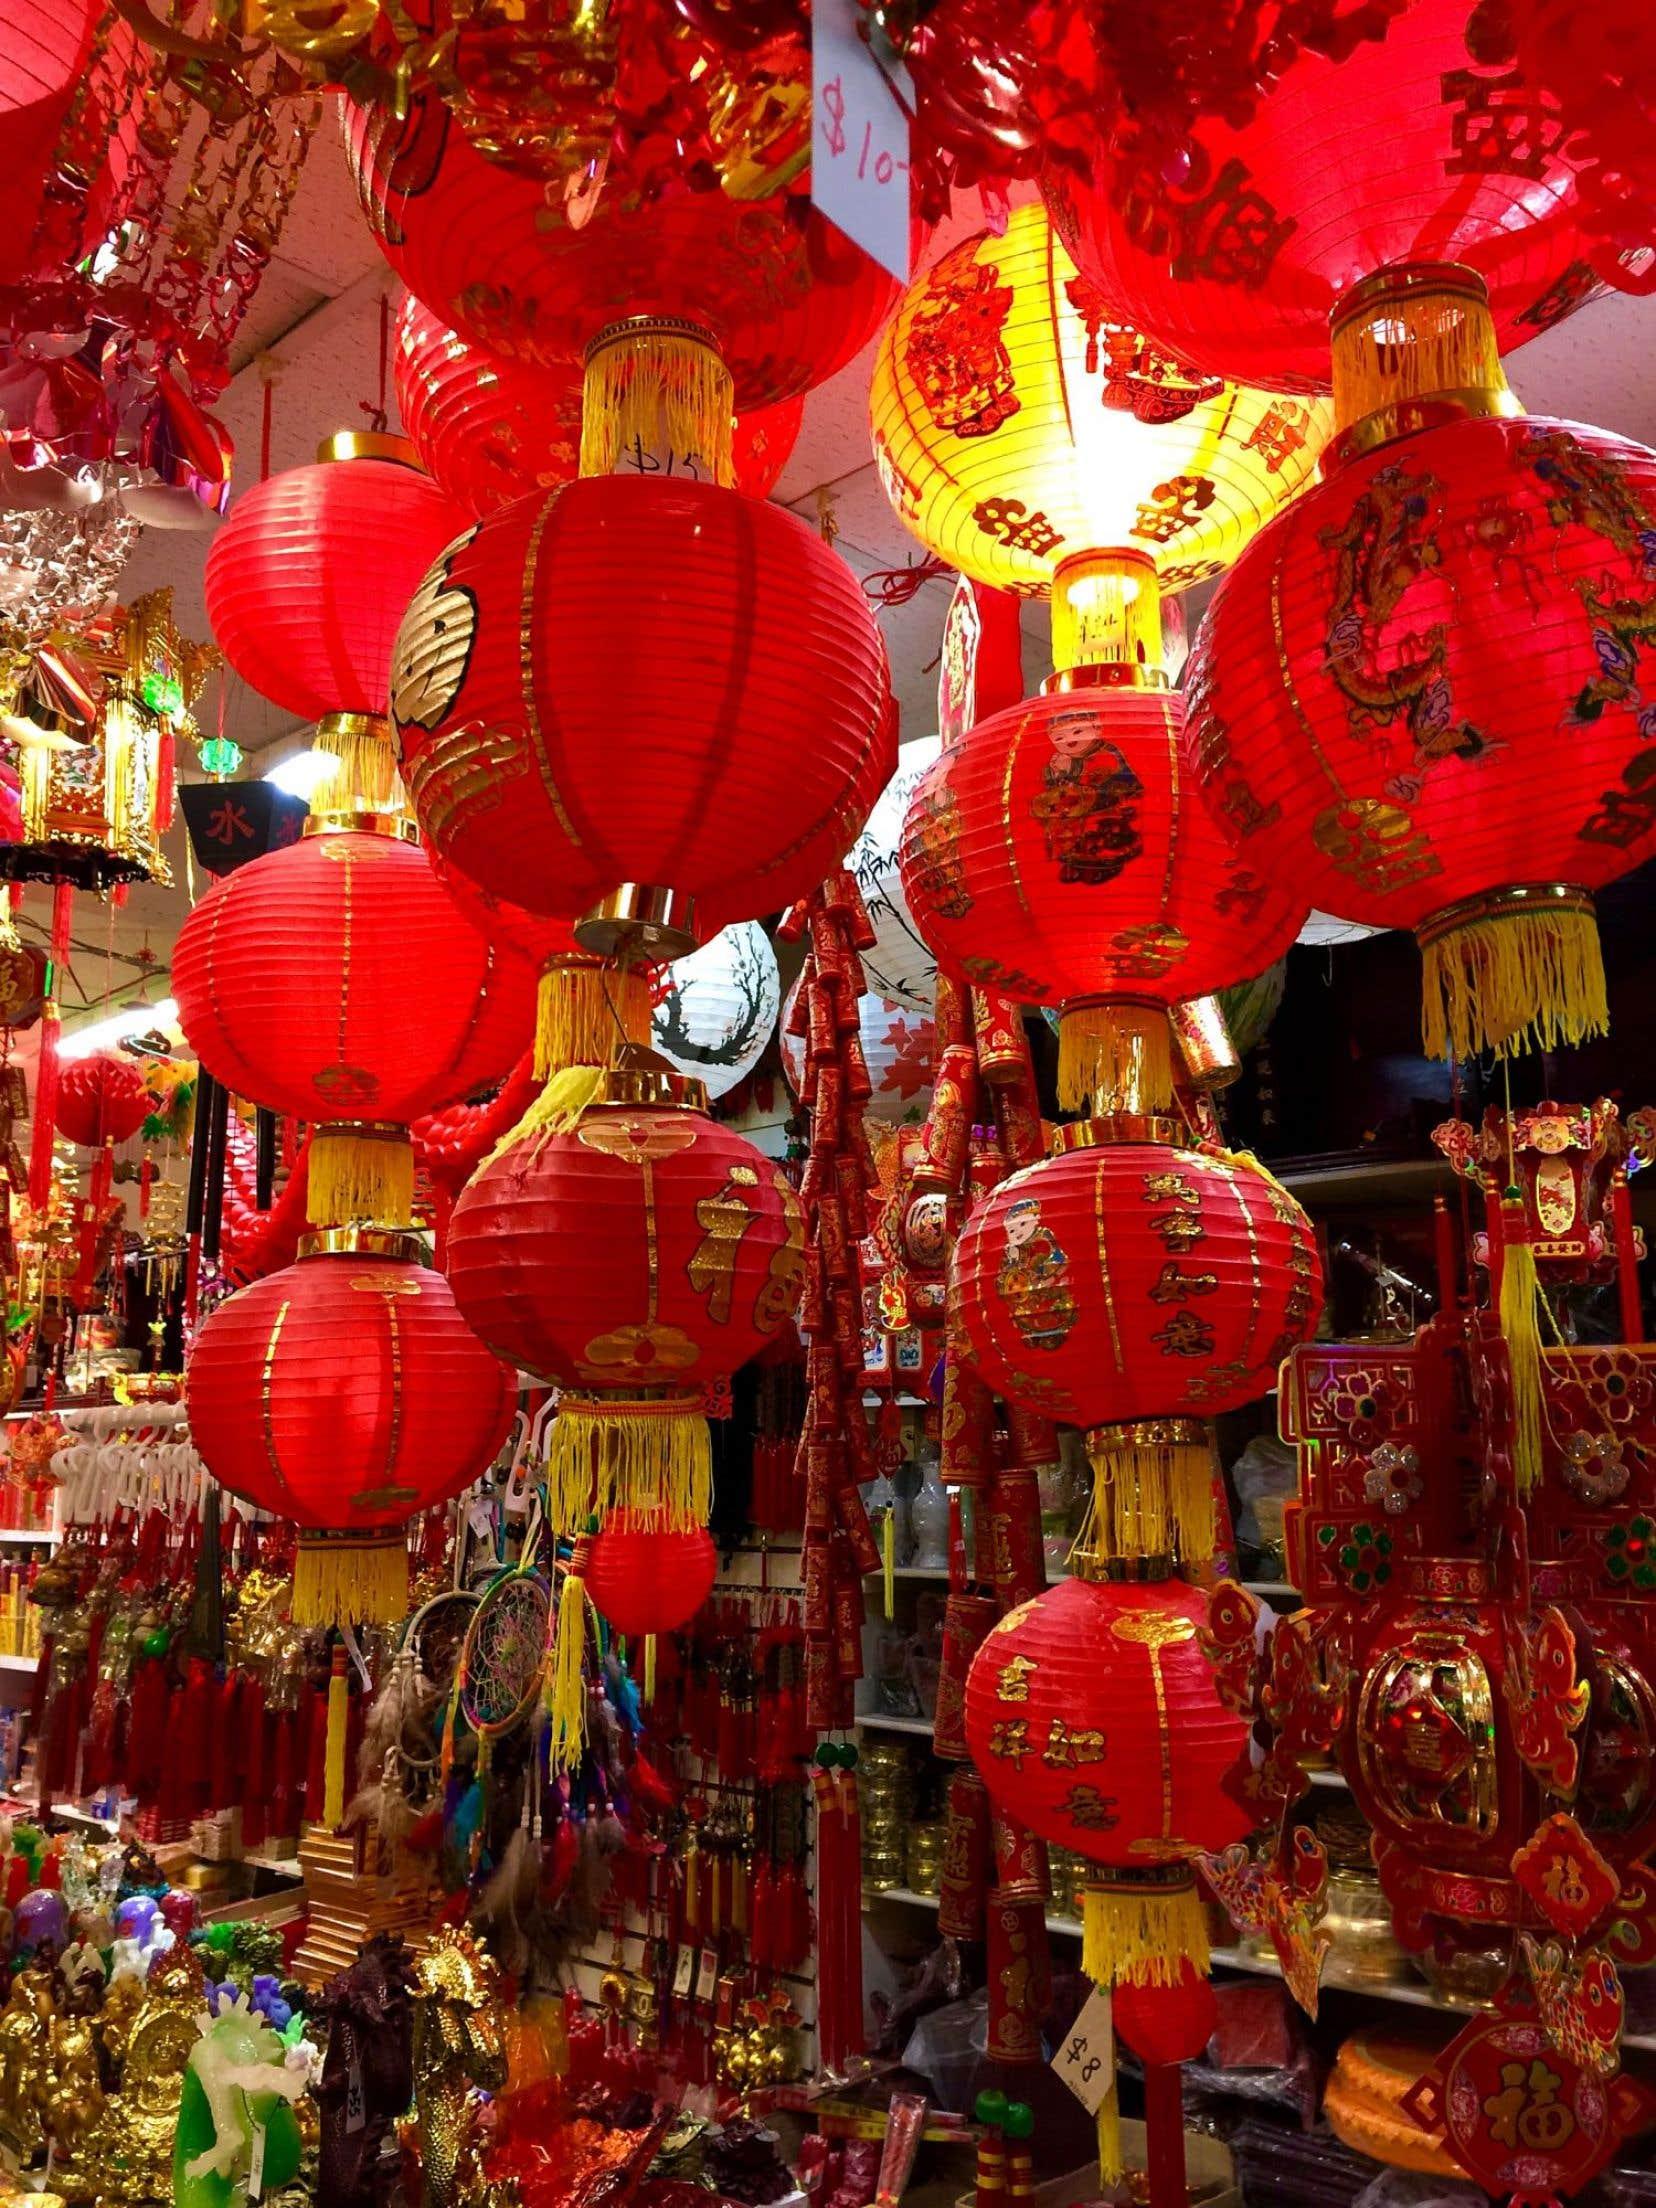 La boutique Shun Fat, cette étonnante cave d'Ali Baba chinoise à Montréal, regorge de décorations pour égayer les maisons pendant la période du Nouvel An.